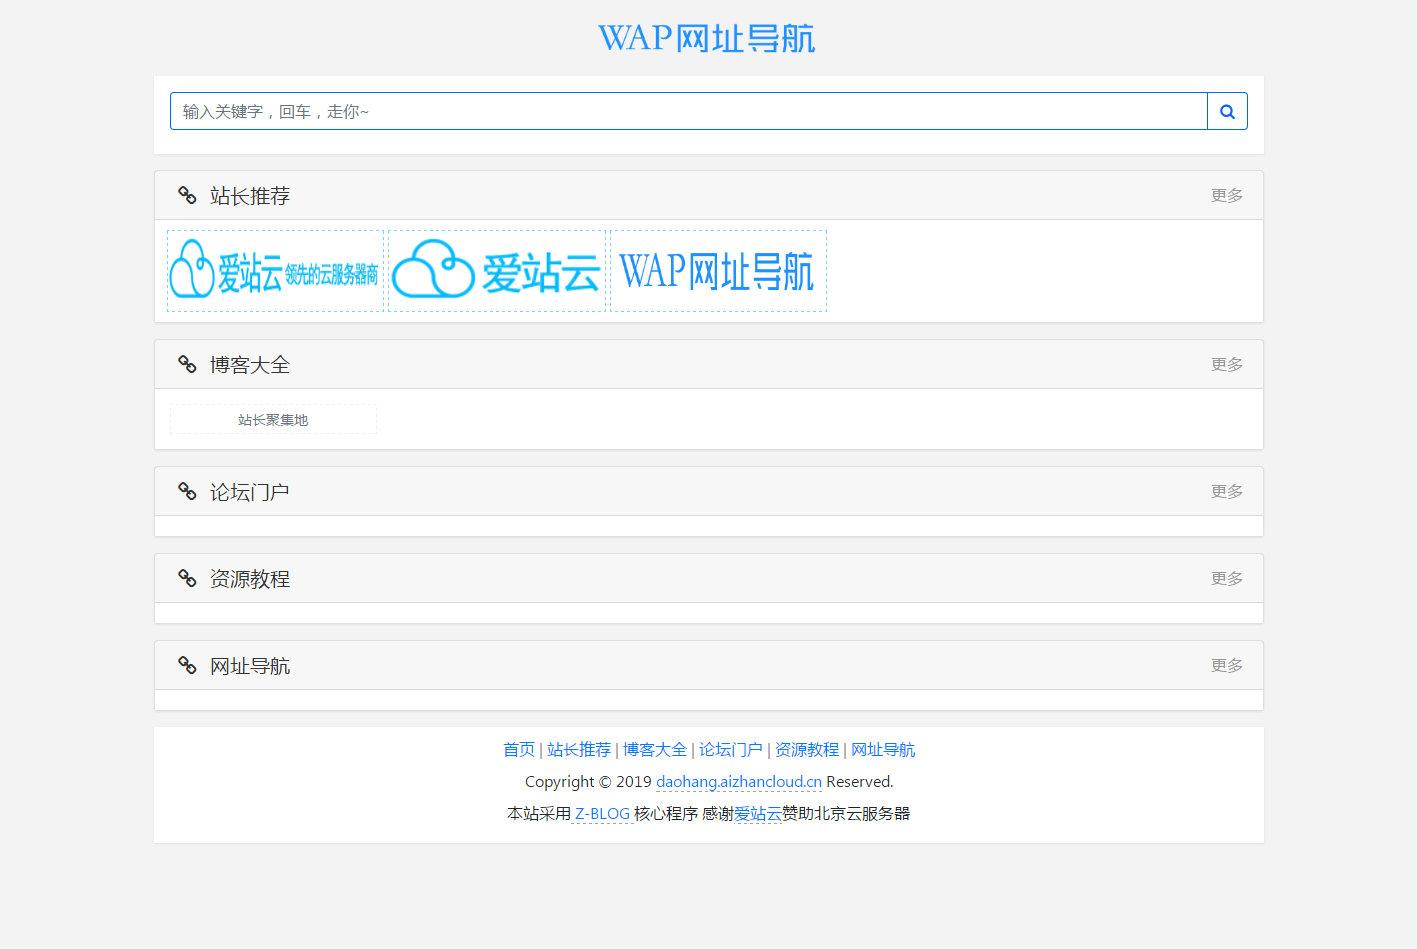 WAP网址导航zblog自适应模板免费发布V1.0